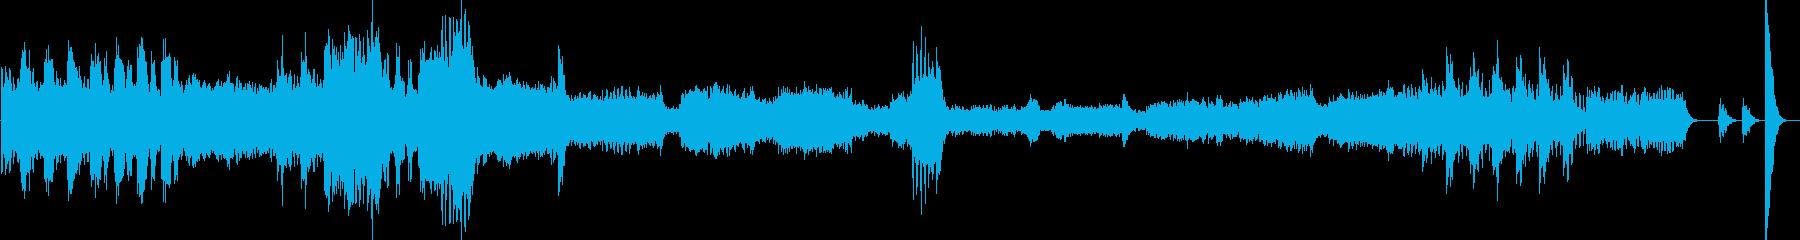 軽快なオーケストラ曲の再生済みの波形